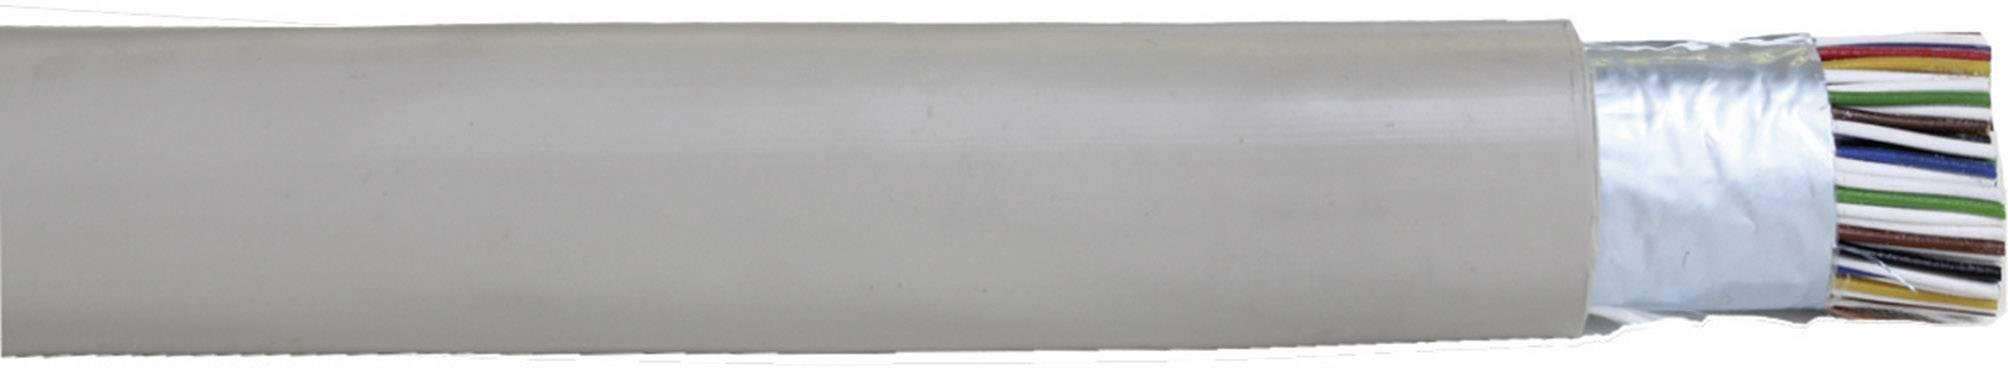 Řídicí kabel Faber Kabel J-Y(ST)Y (100018), 13 mm, stíněný, šedá, 1 m